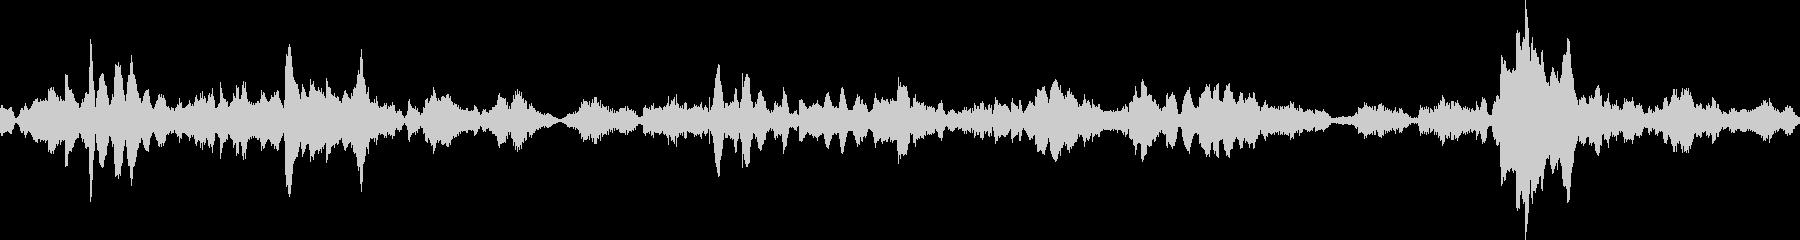 エスニックMS20 1003 ZGの未再生の波形